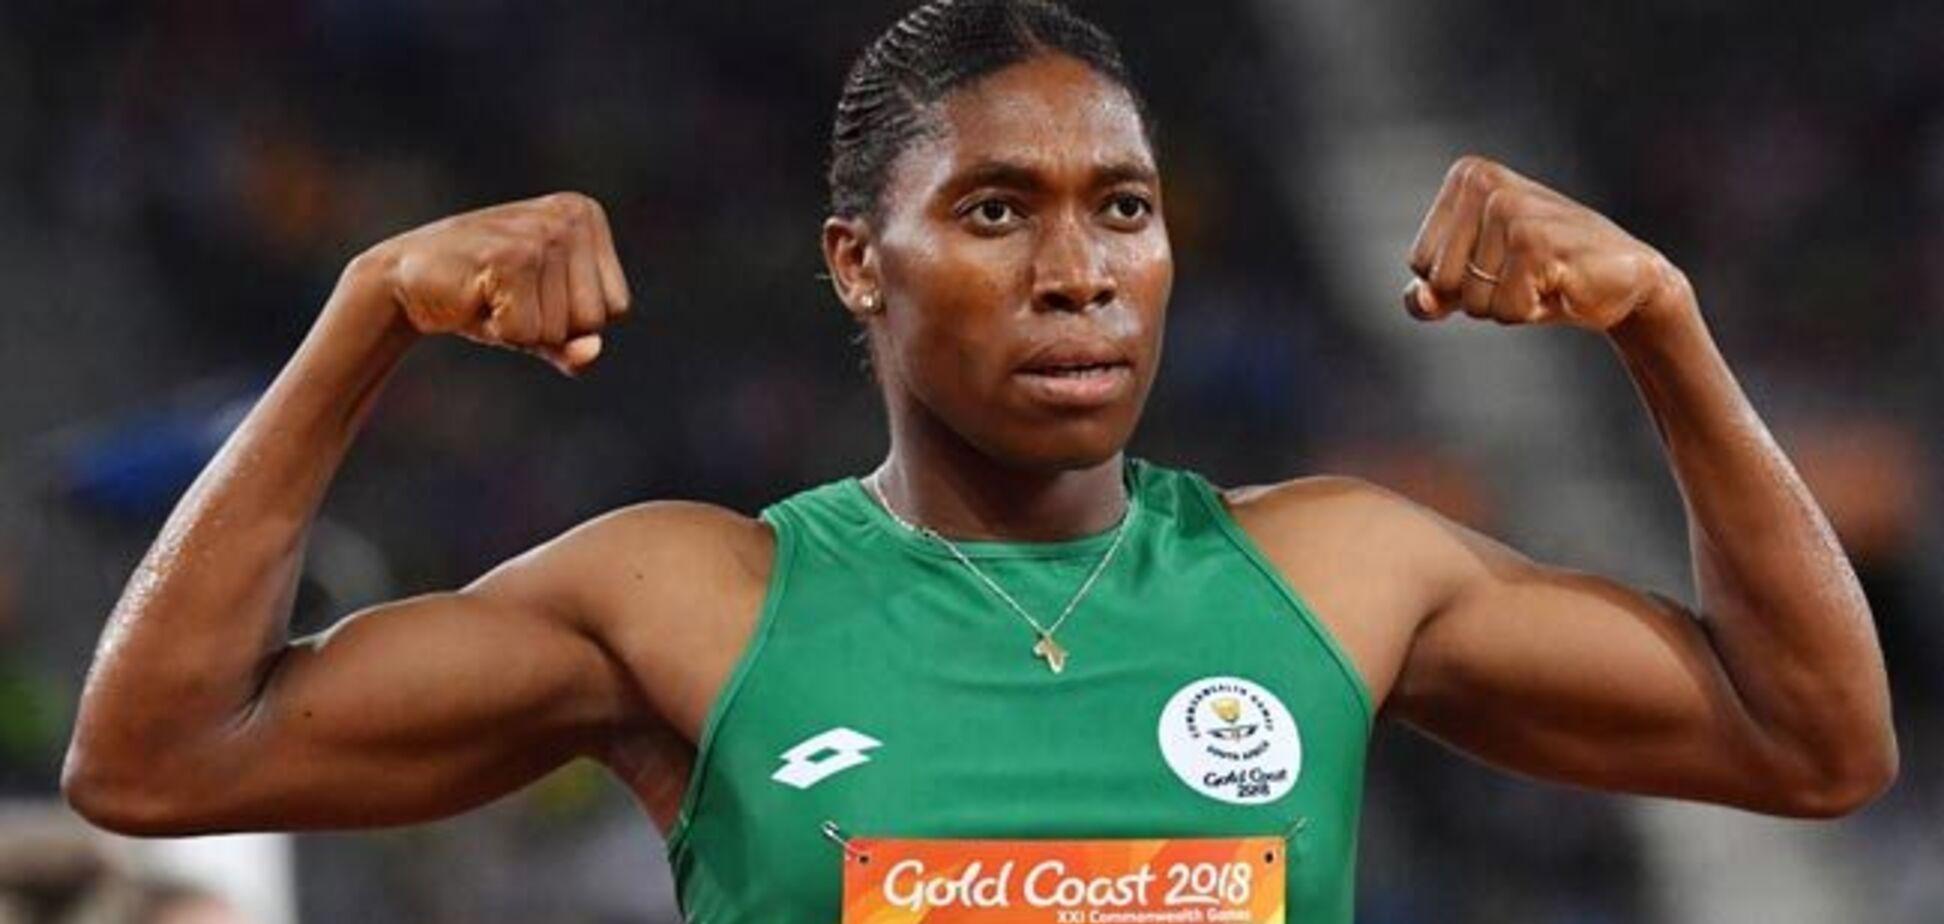 'Я была морской свинкой': олимпийская чемпионка сделала шокирующее признание